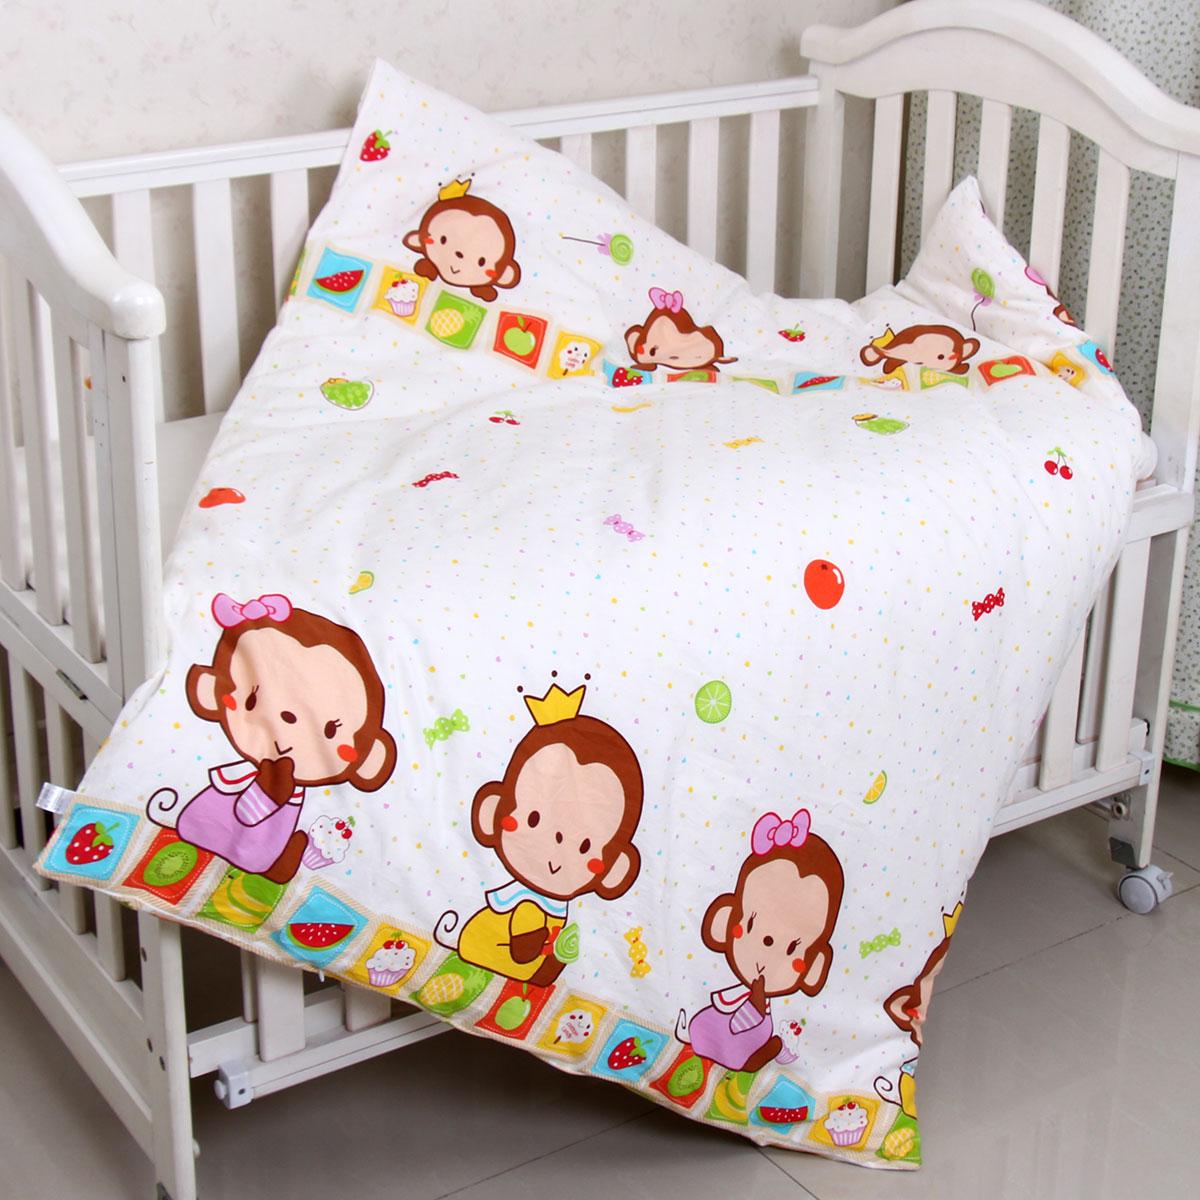 优伴猴宝宝婴儿被罩全棉卡通婴儿床品可爱宝宝拉链被套纯棉被外套